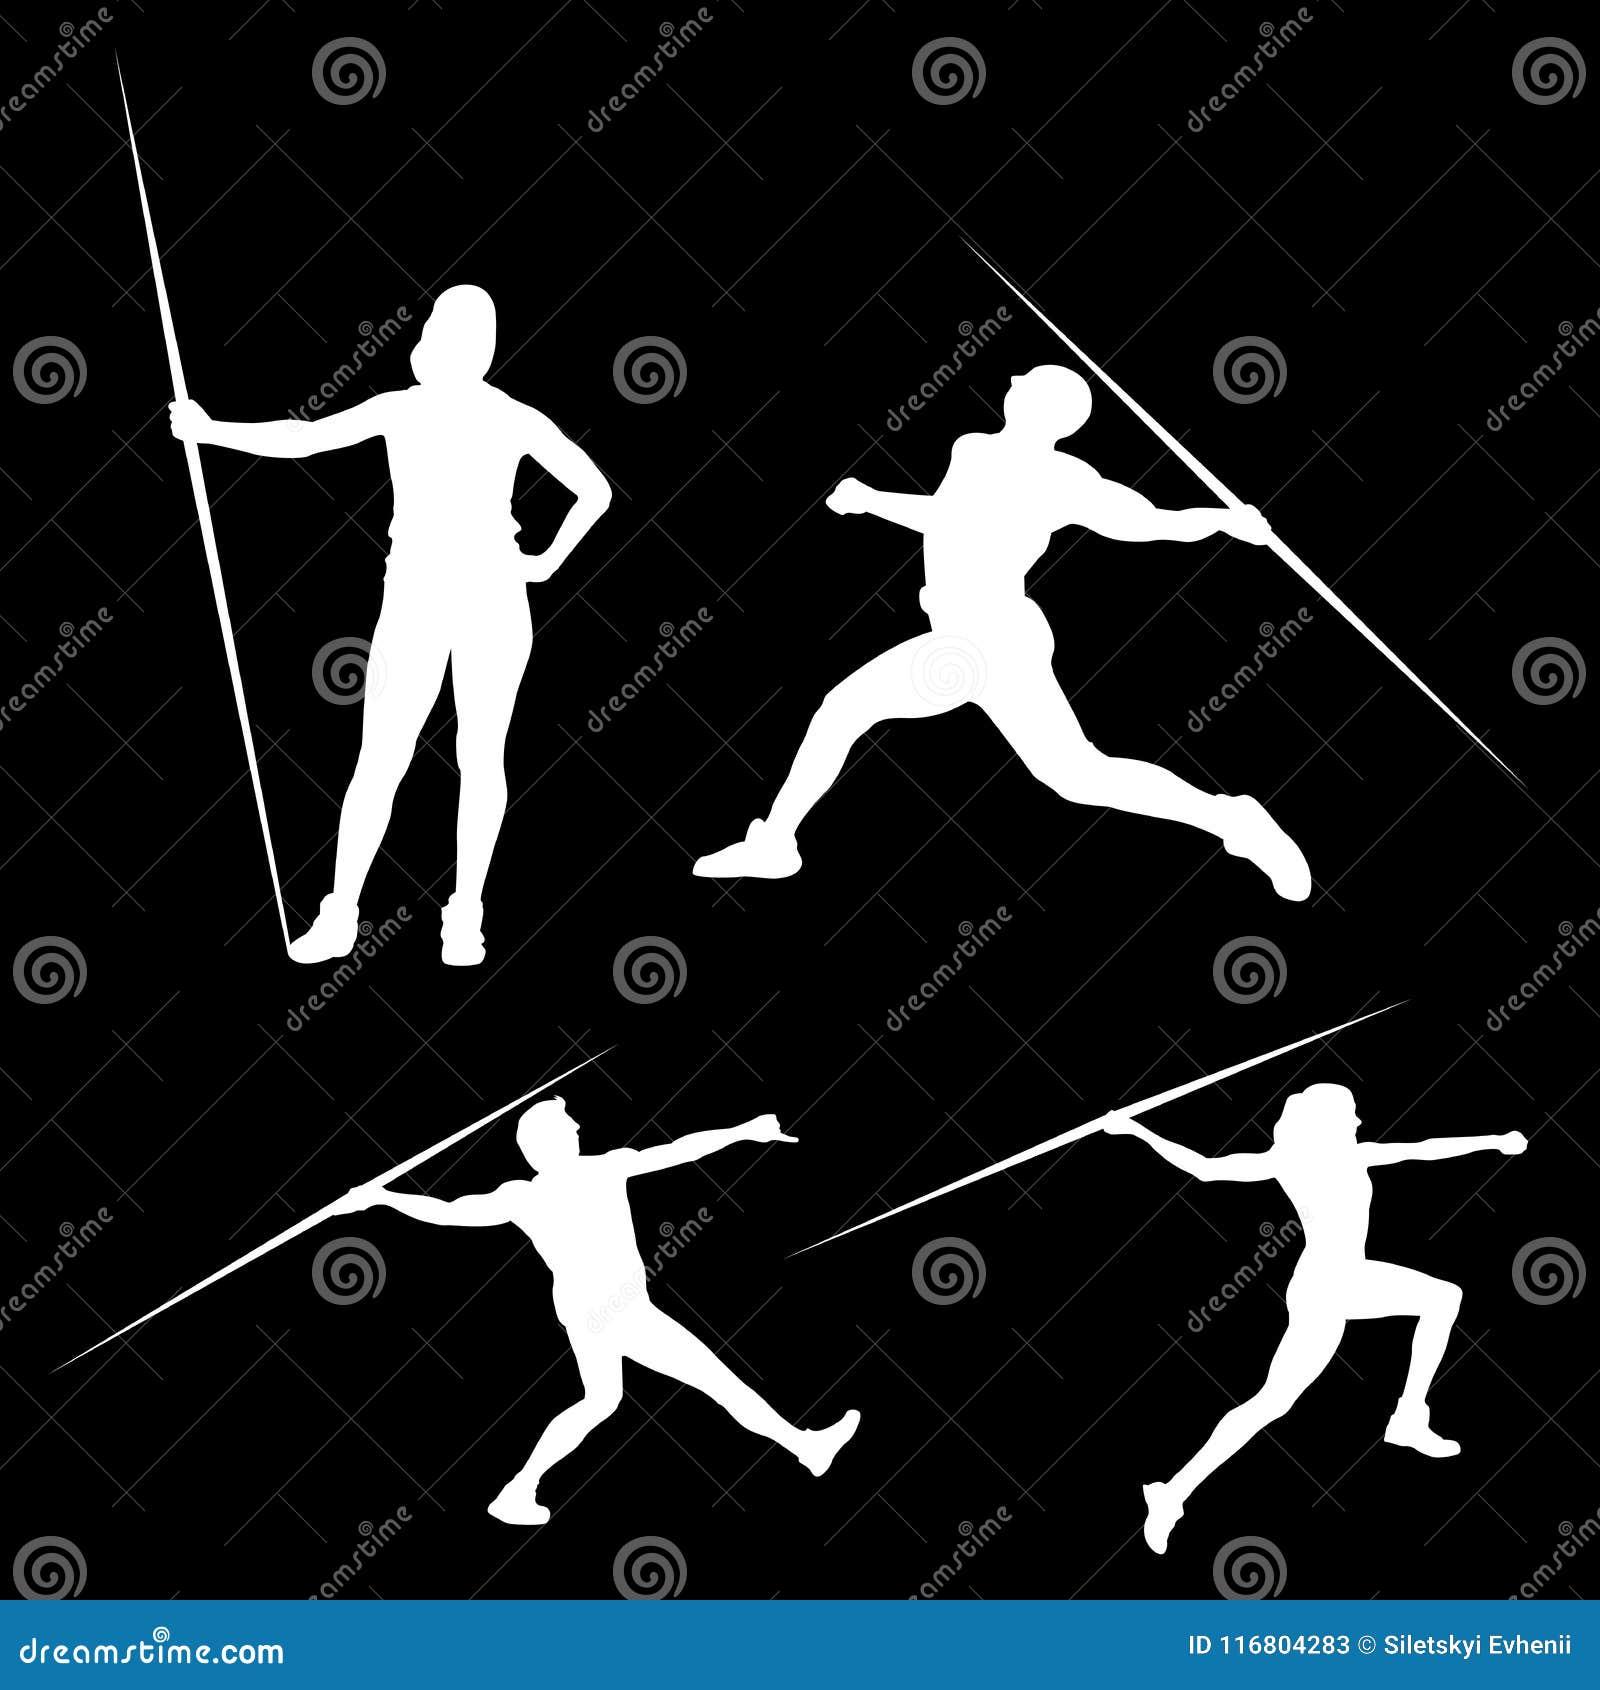 Siluetta bianca di un uomo con una lancia nelle pose differenti, su un fondo nero